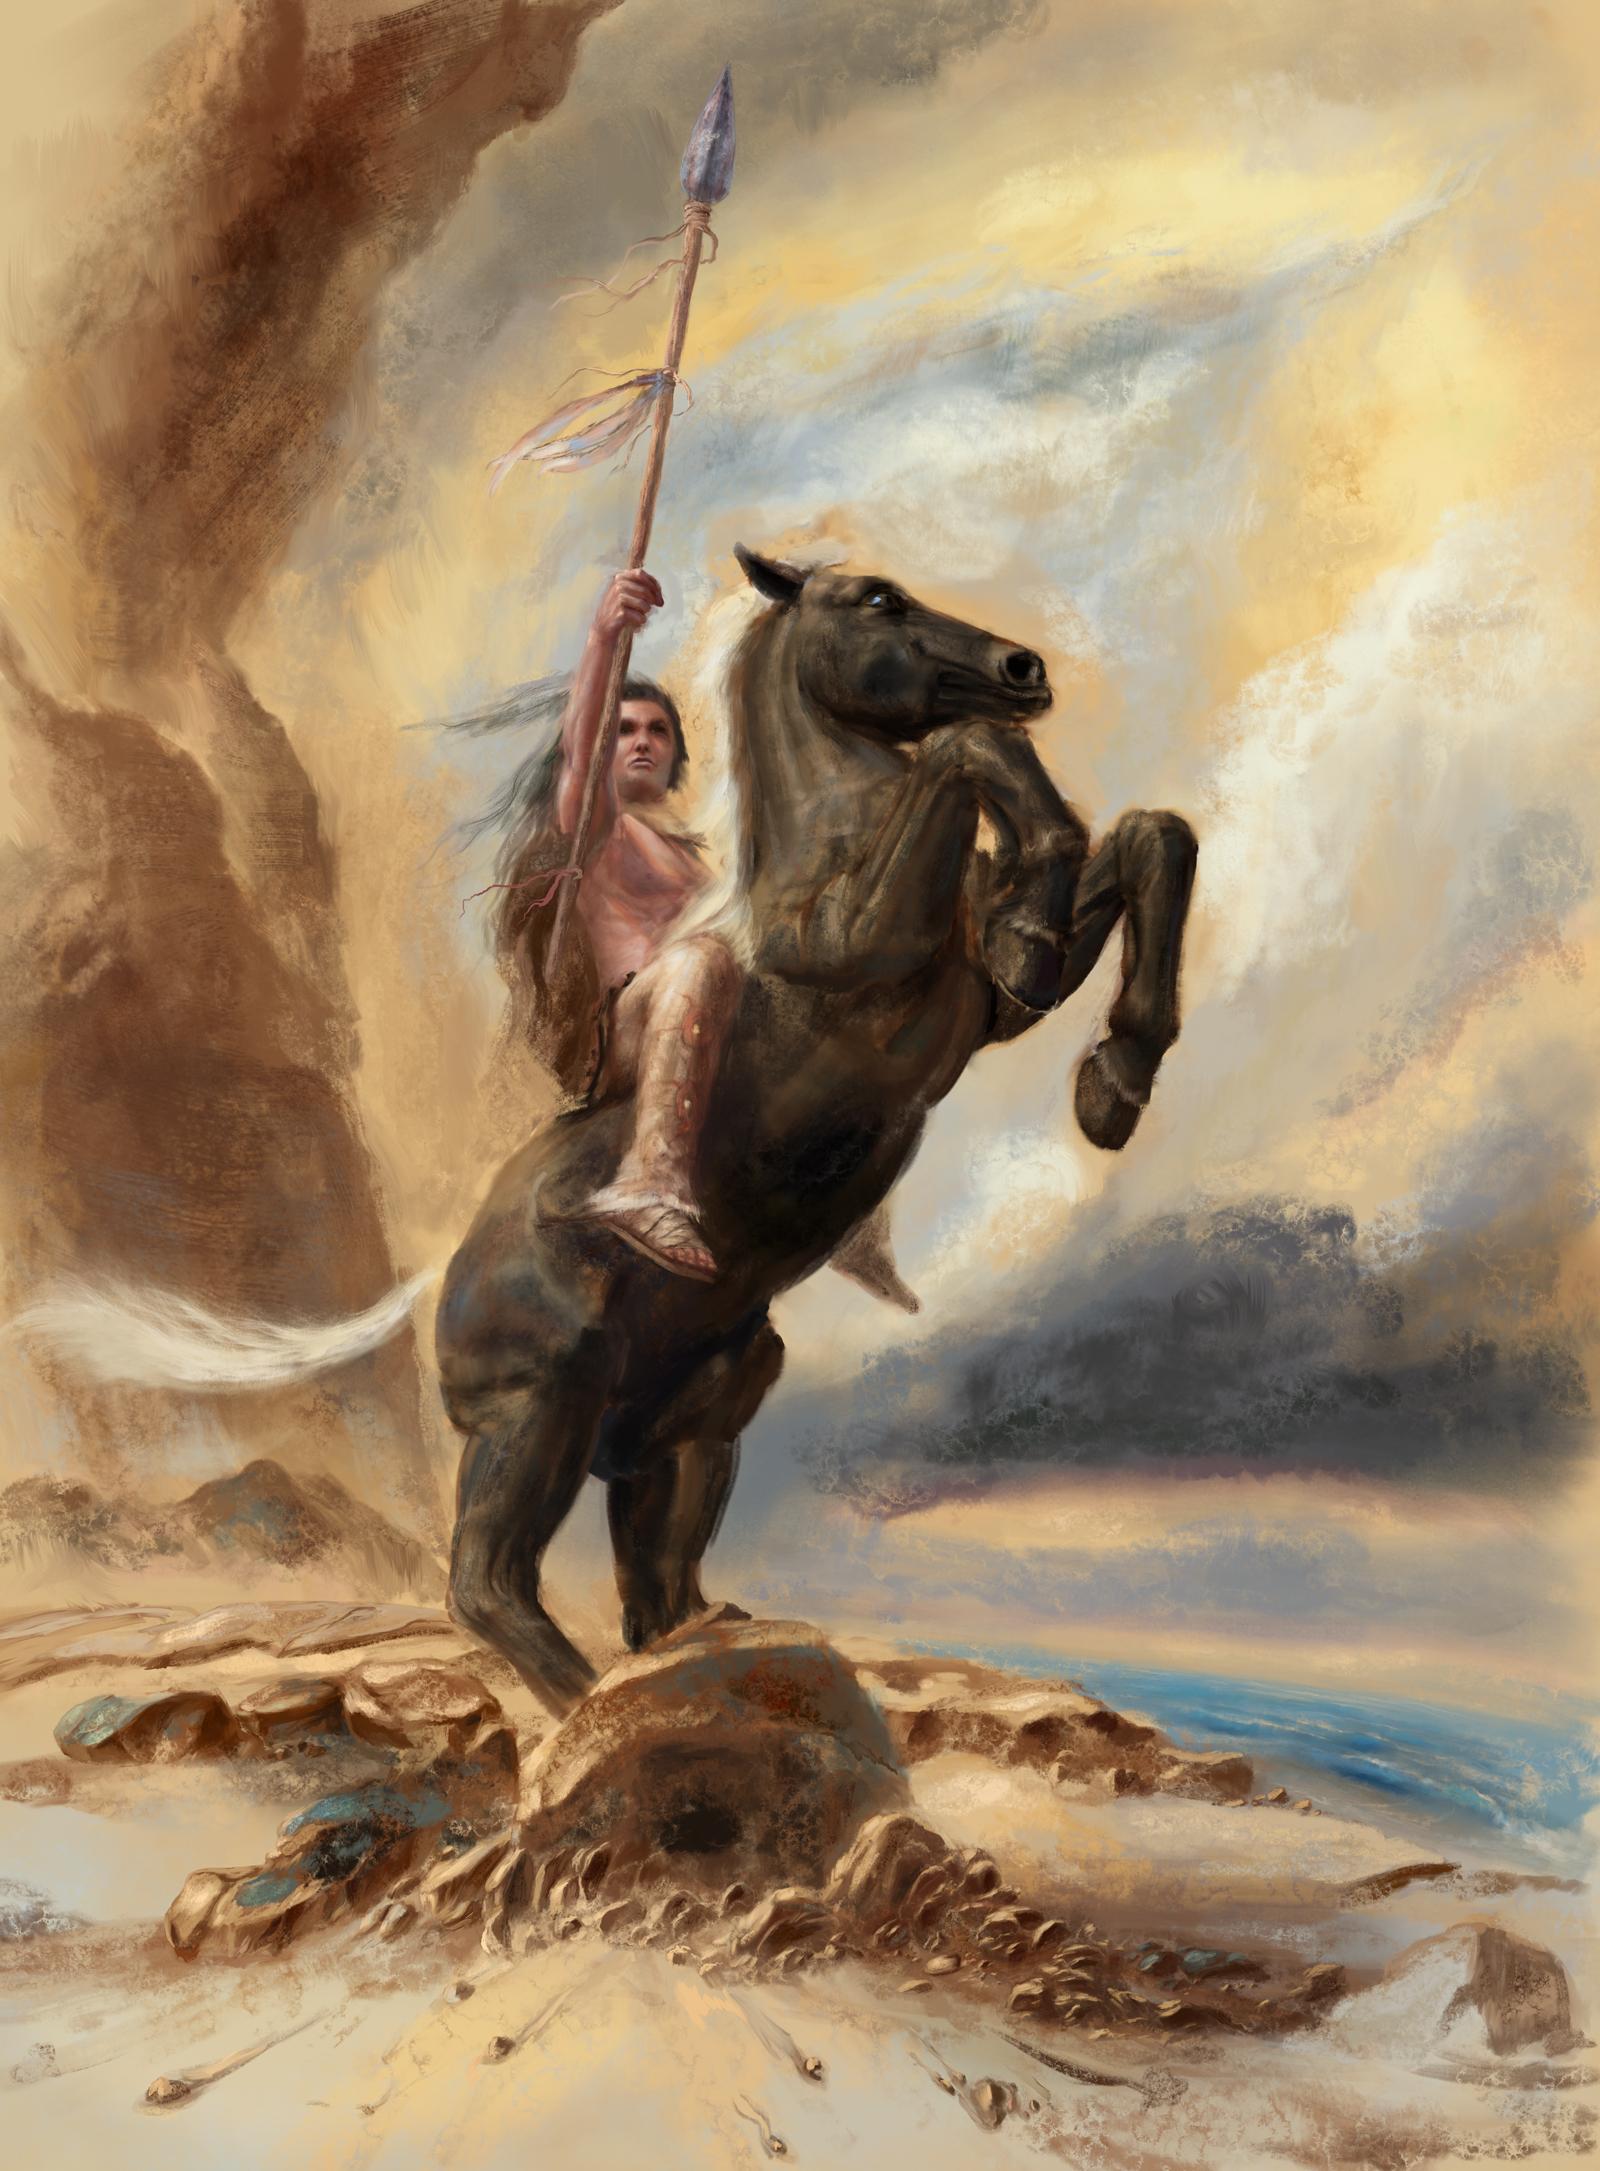 Foto Speer Hauspferd Krieger Fantasy  für Handy Pferd Pferde